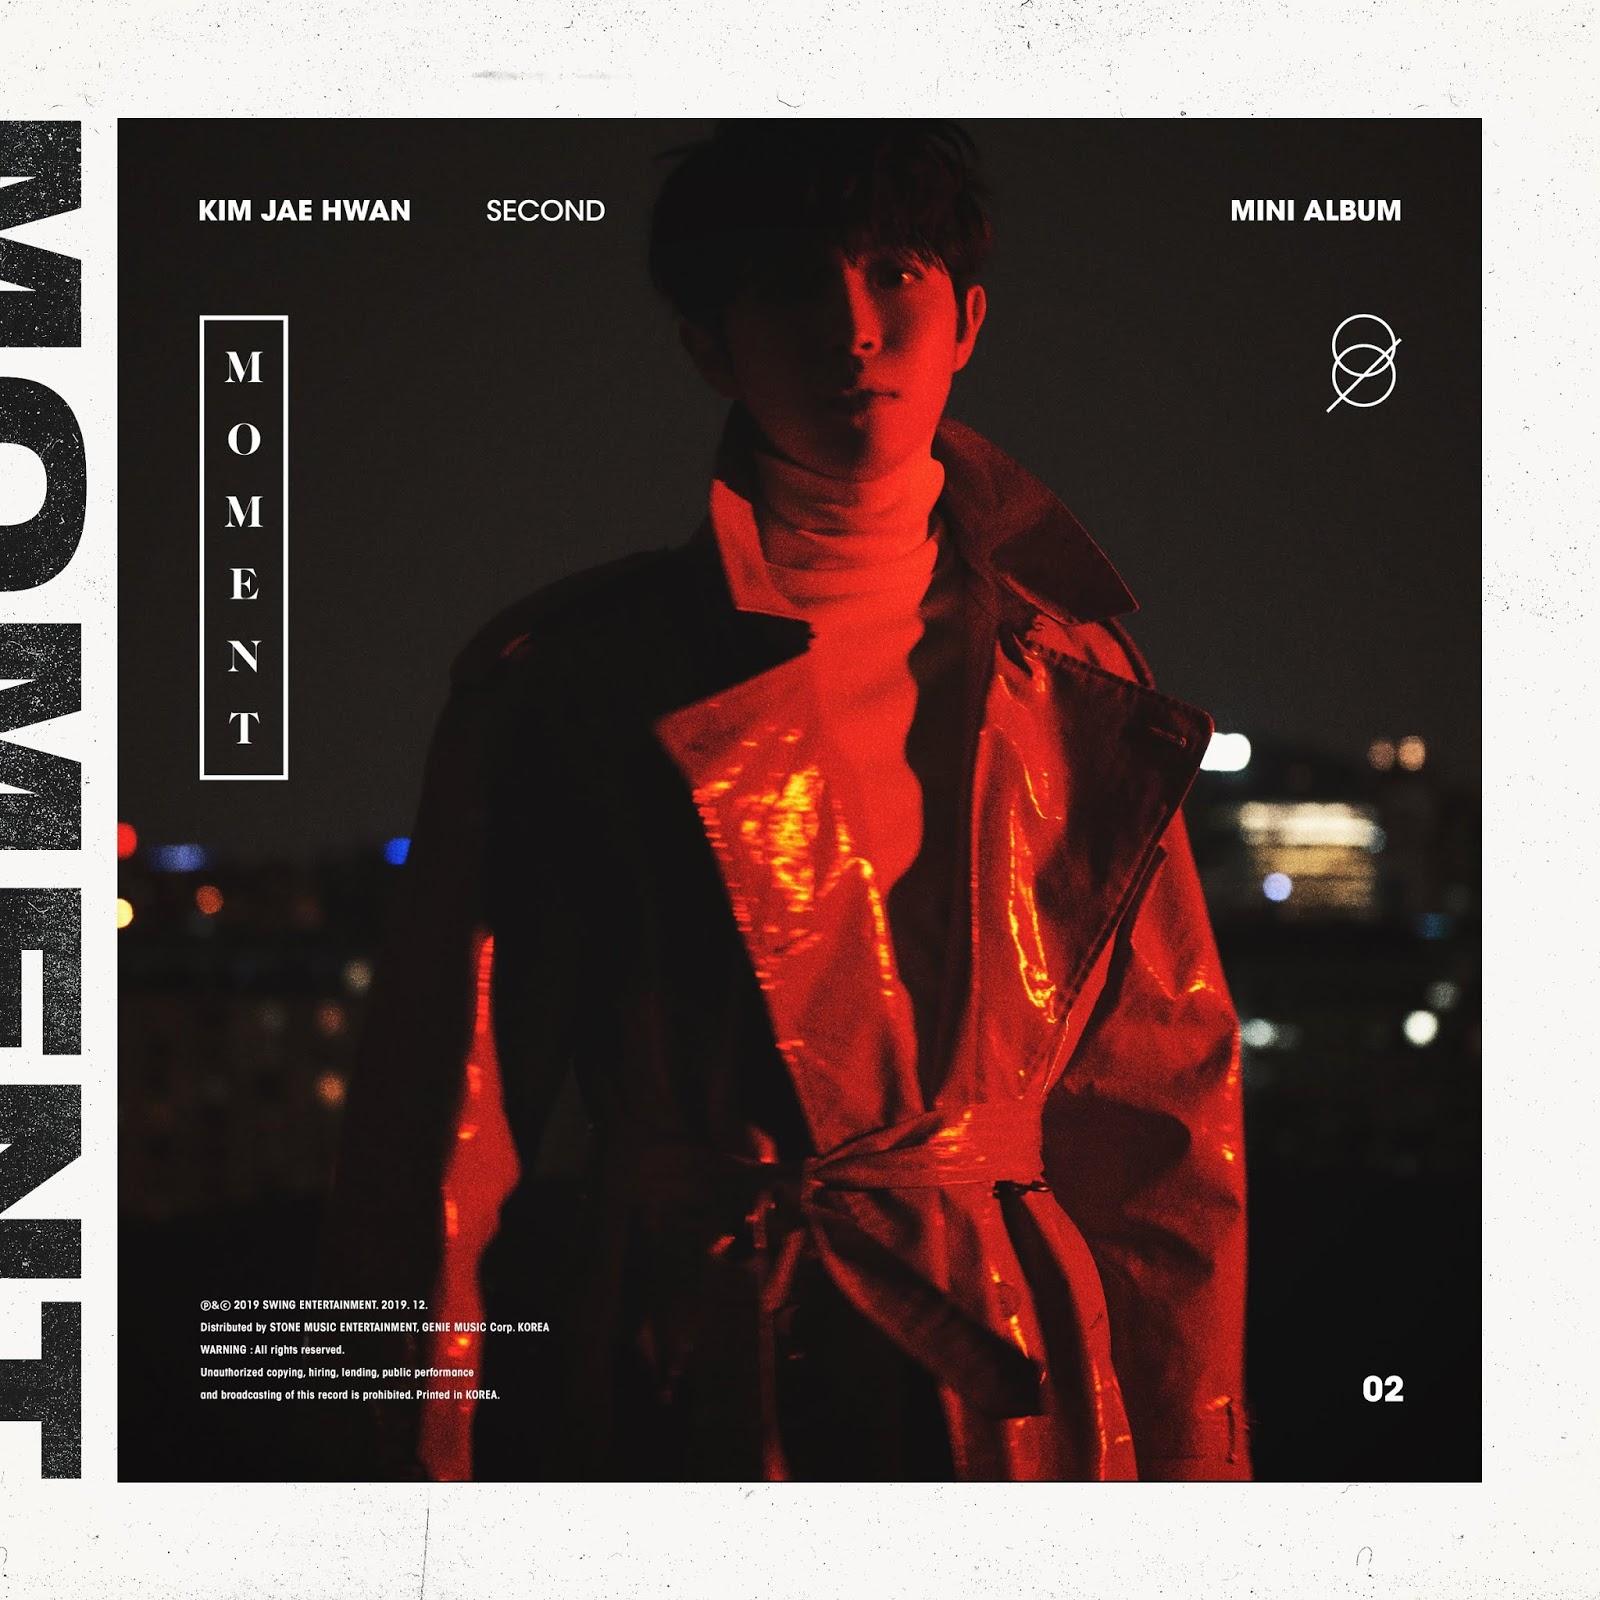 Kim Jae Hwan Looks Charming in 'Moment' Solo Album Teaser